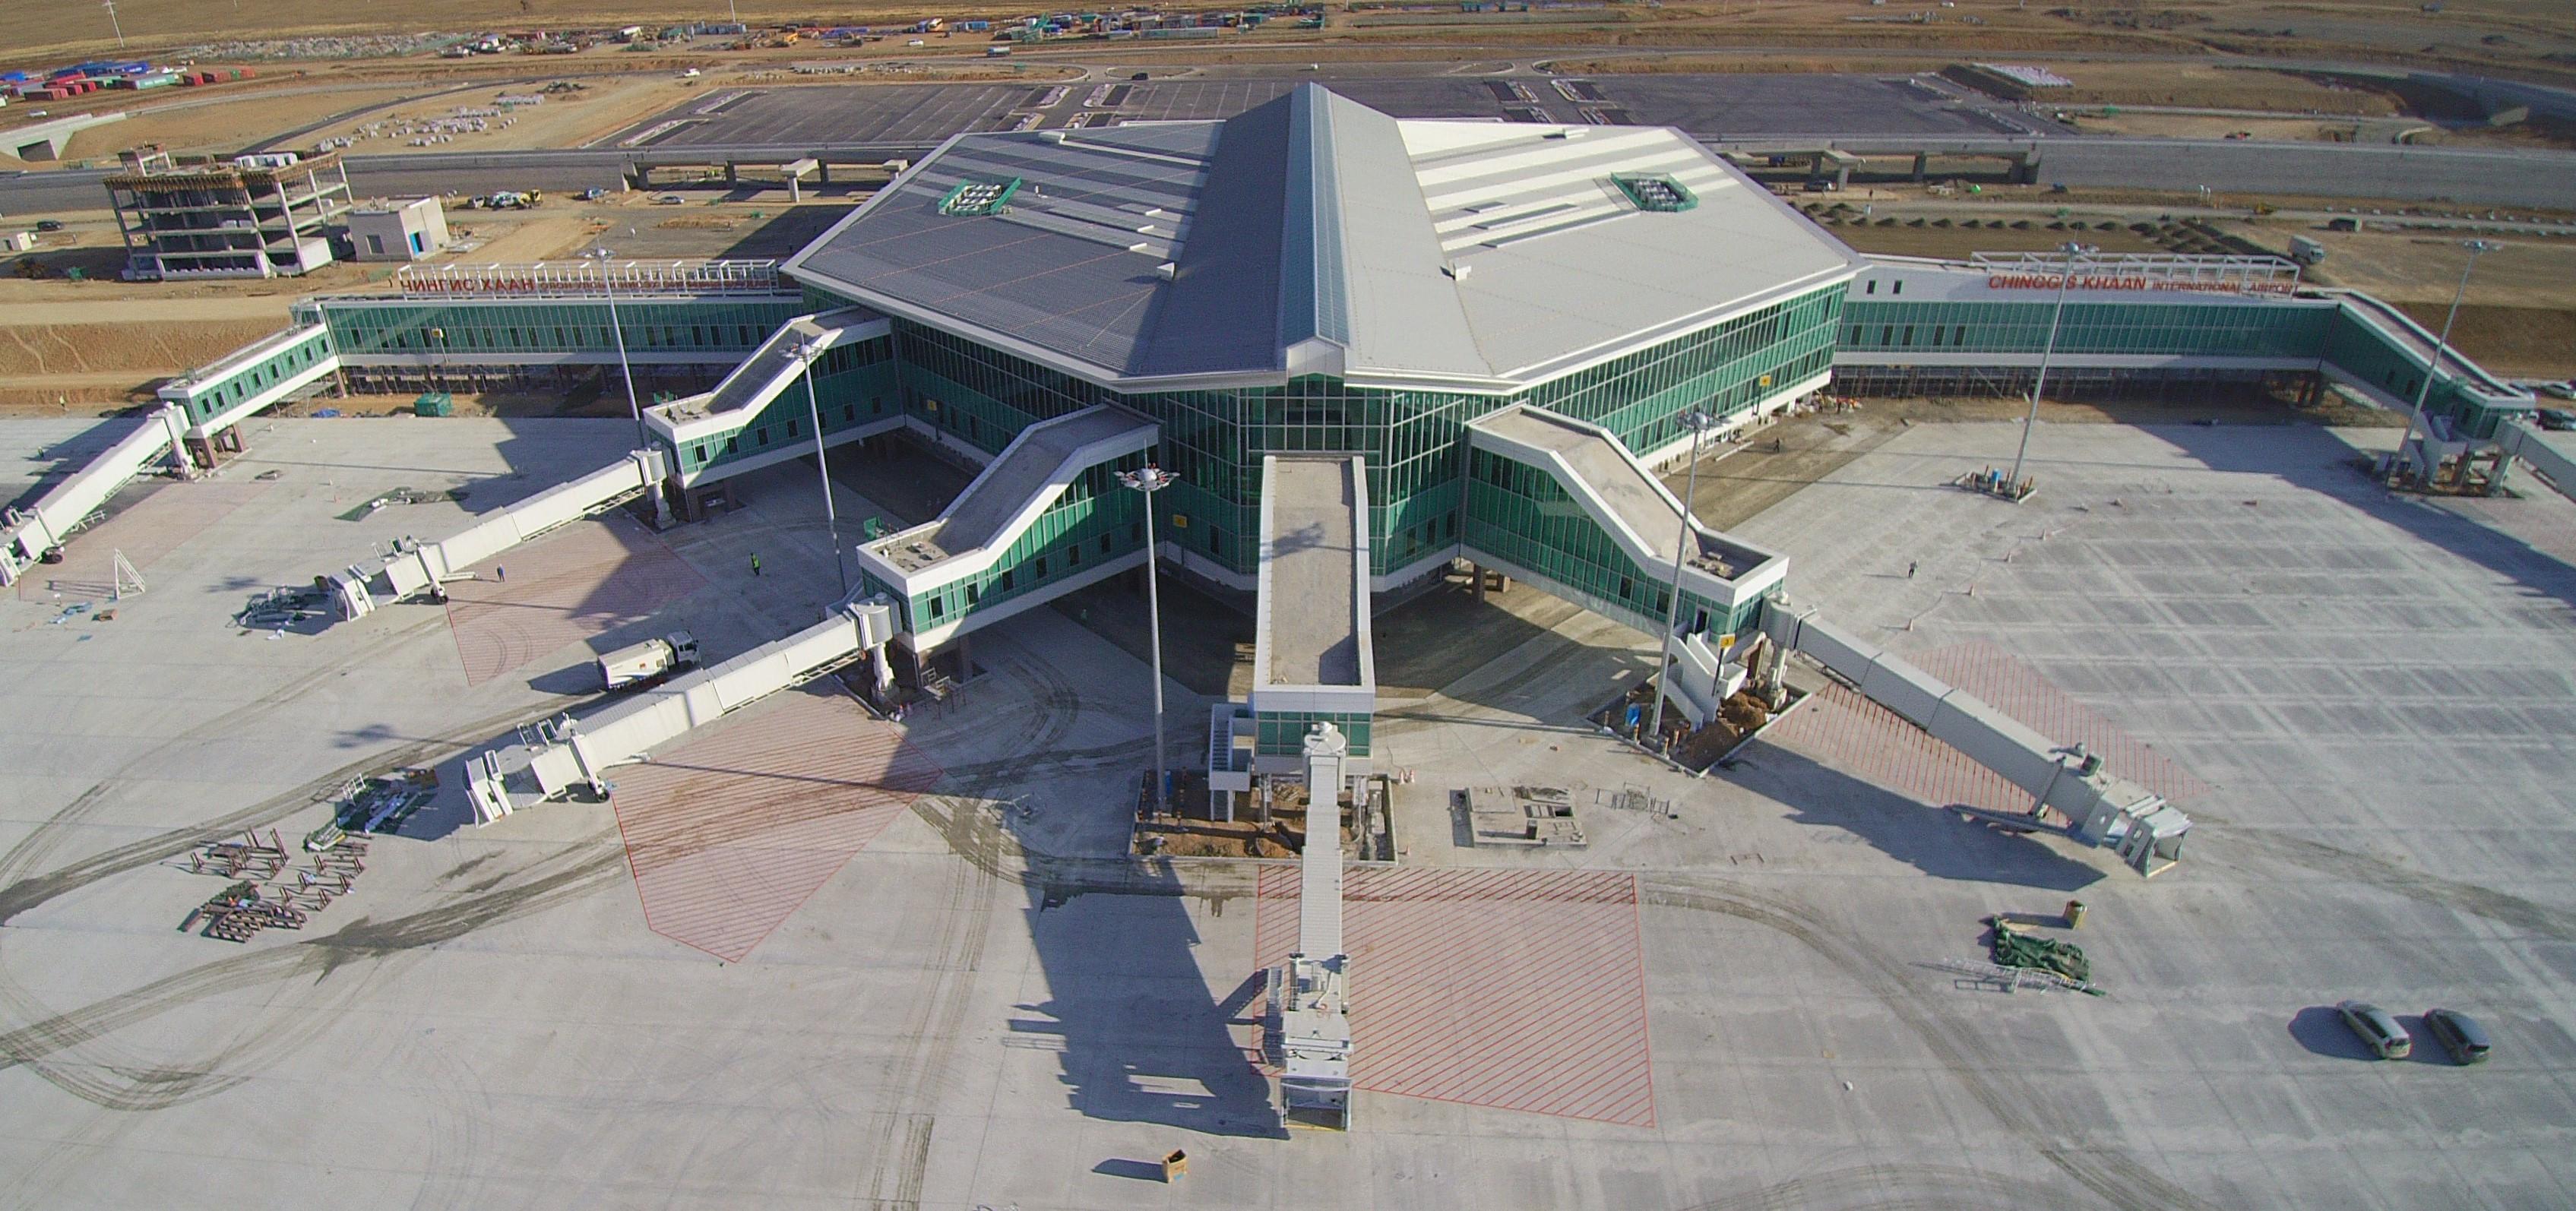 Нисэх онгоцны шинэ буудал долдугаар сарын дөрвөнд үйл ажиллагаагаа эхлүүлнэ